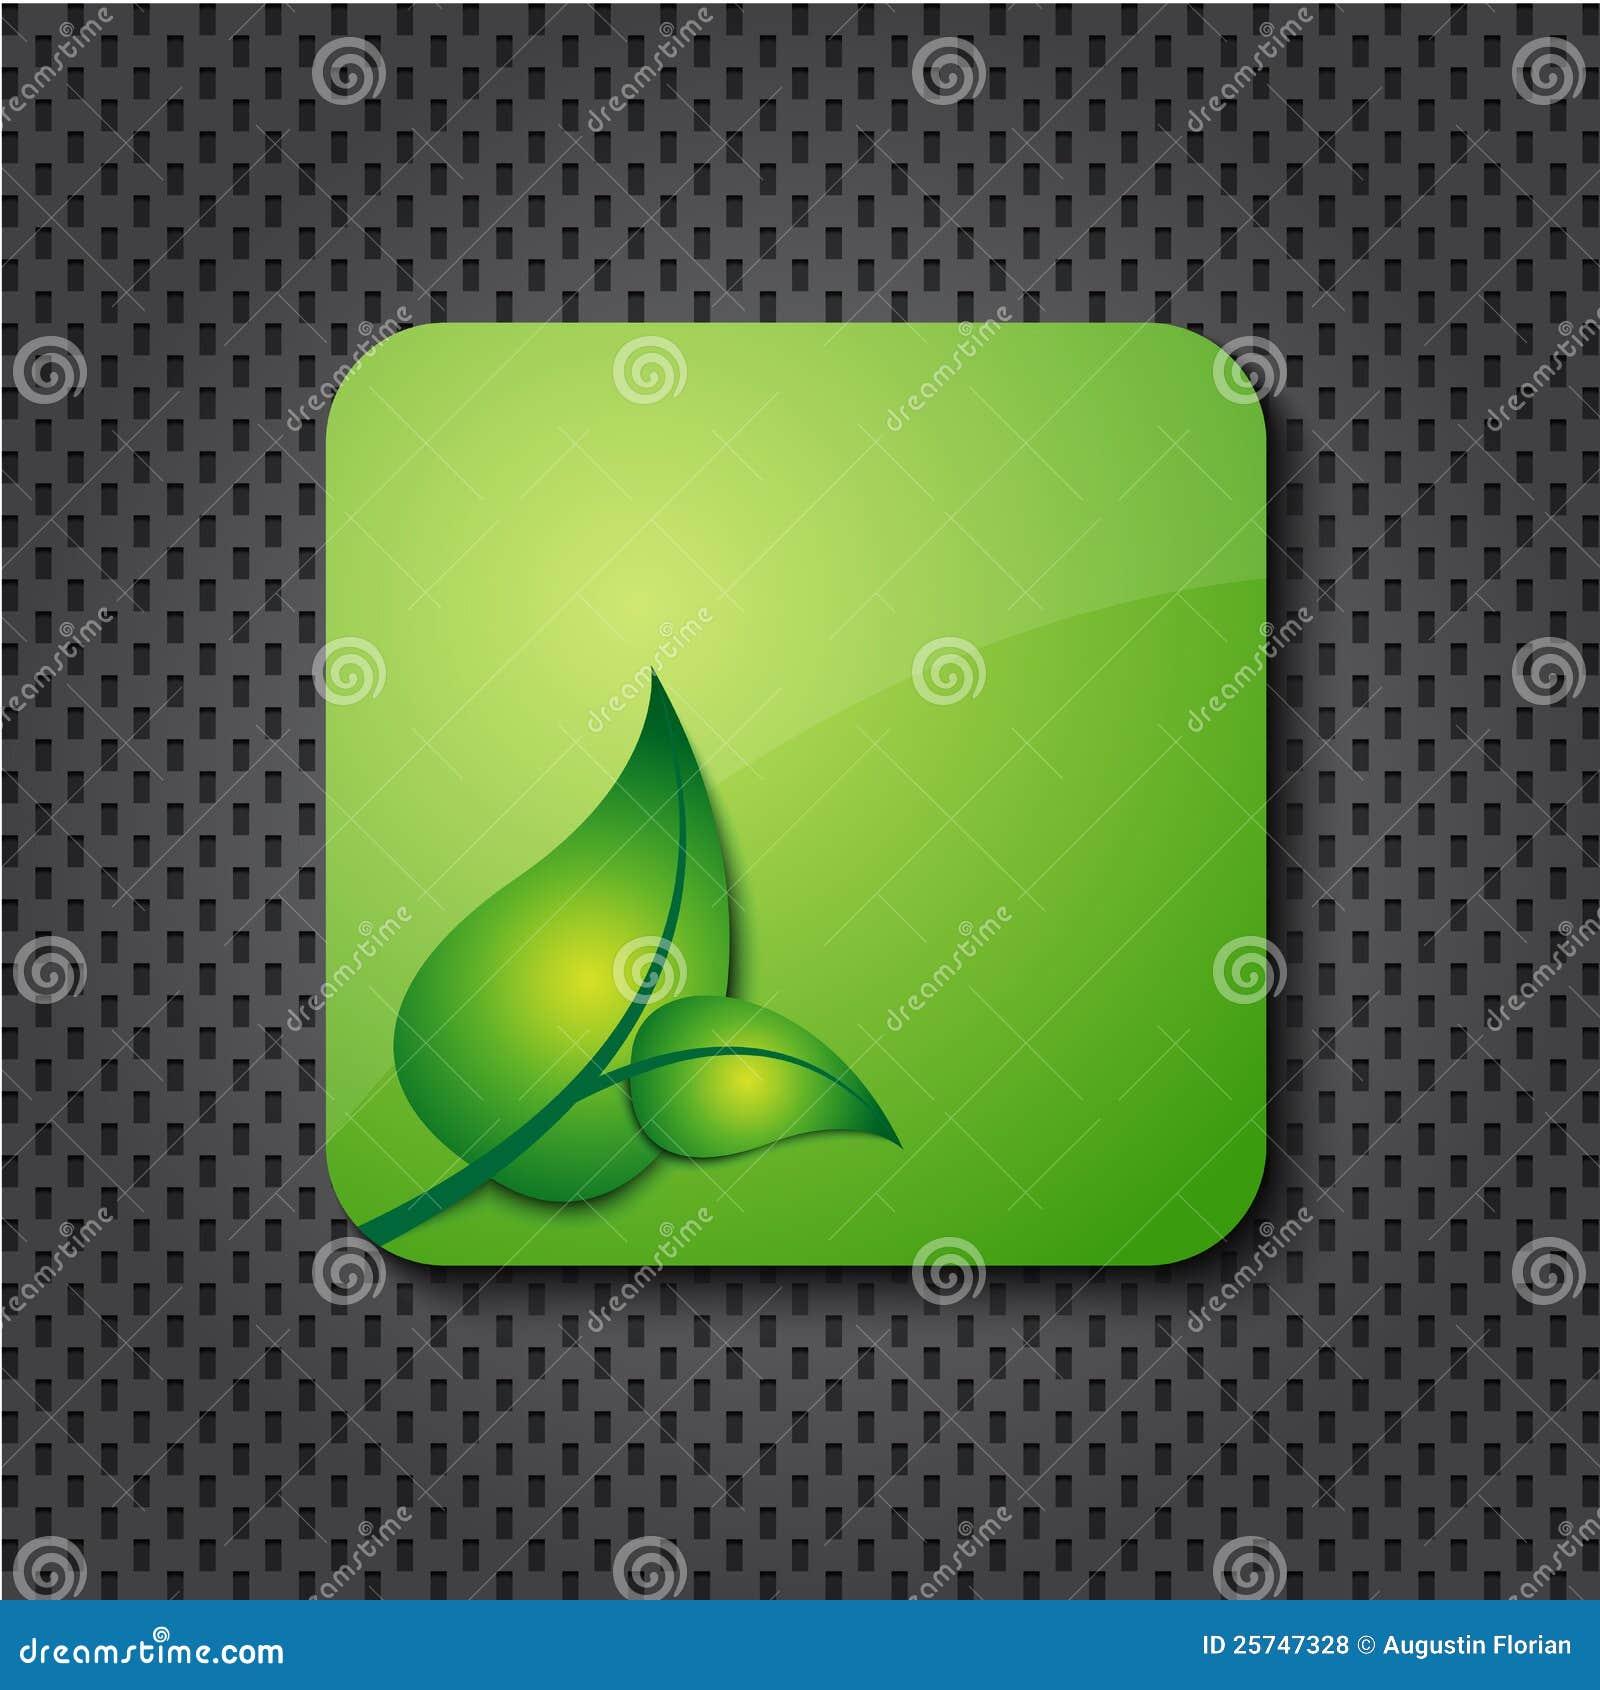 Eco green icon / button